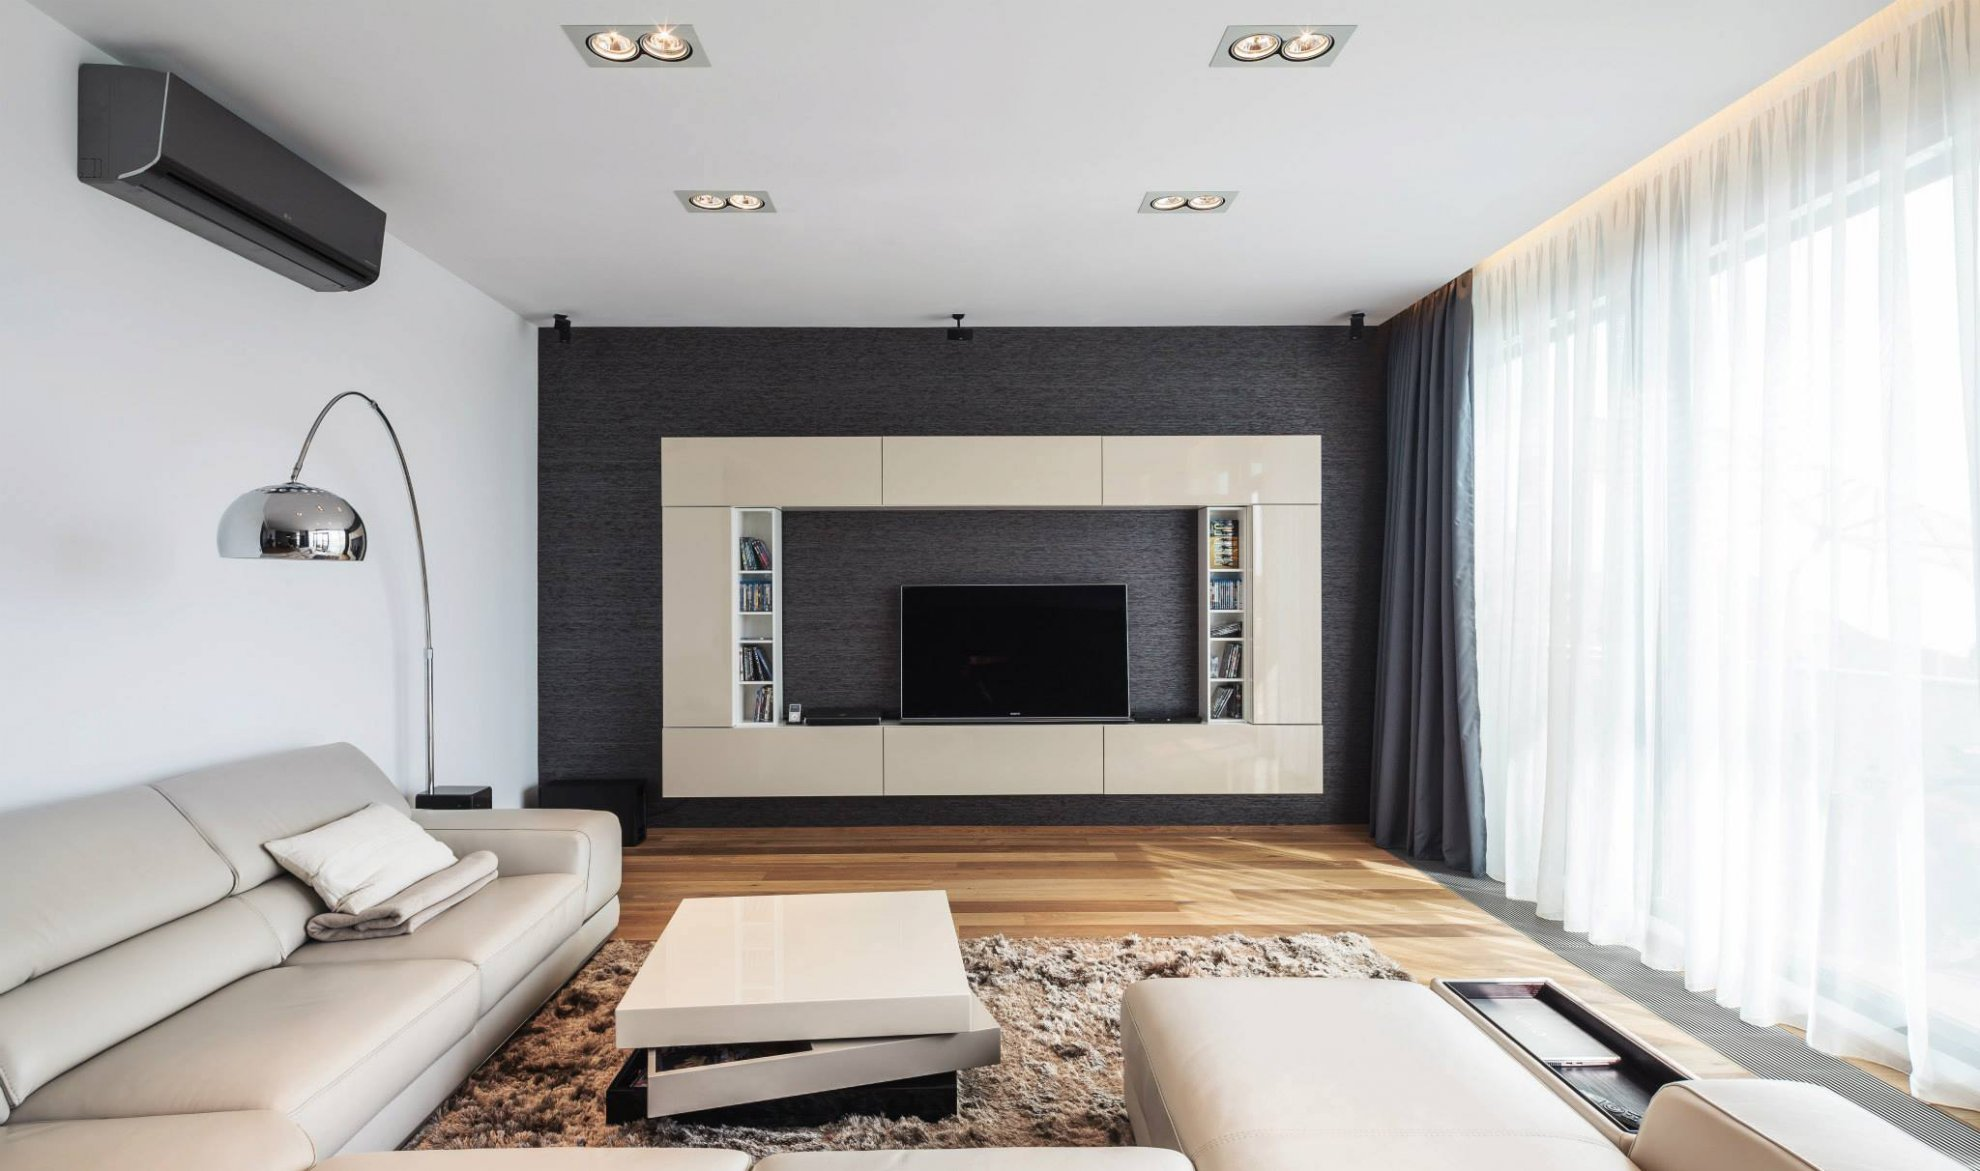 现代简约黑白风格电视墙装修效果图